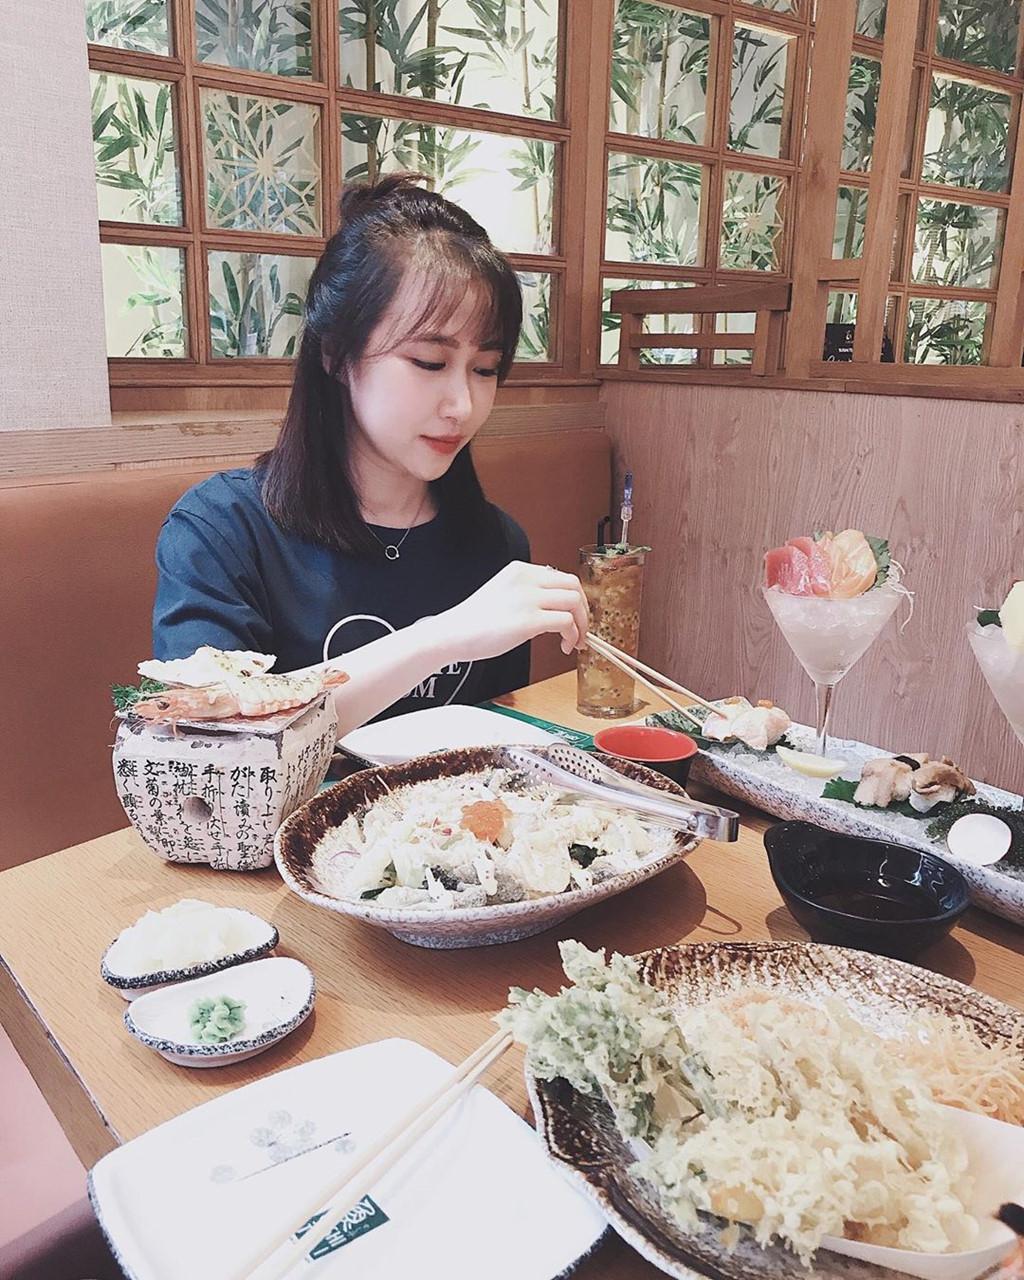 Khám phá ẩm thực Nhật Bản tại 4 nhà hàng nổi tiếng ở TP.HCM - Hình 5